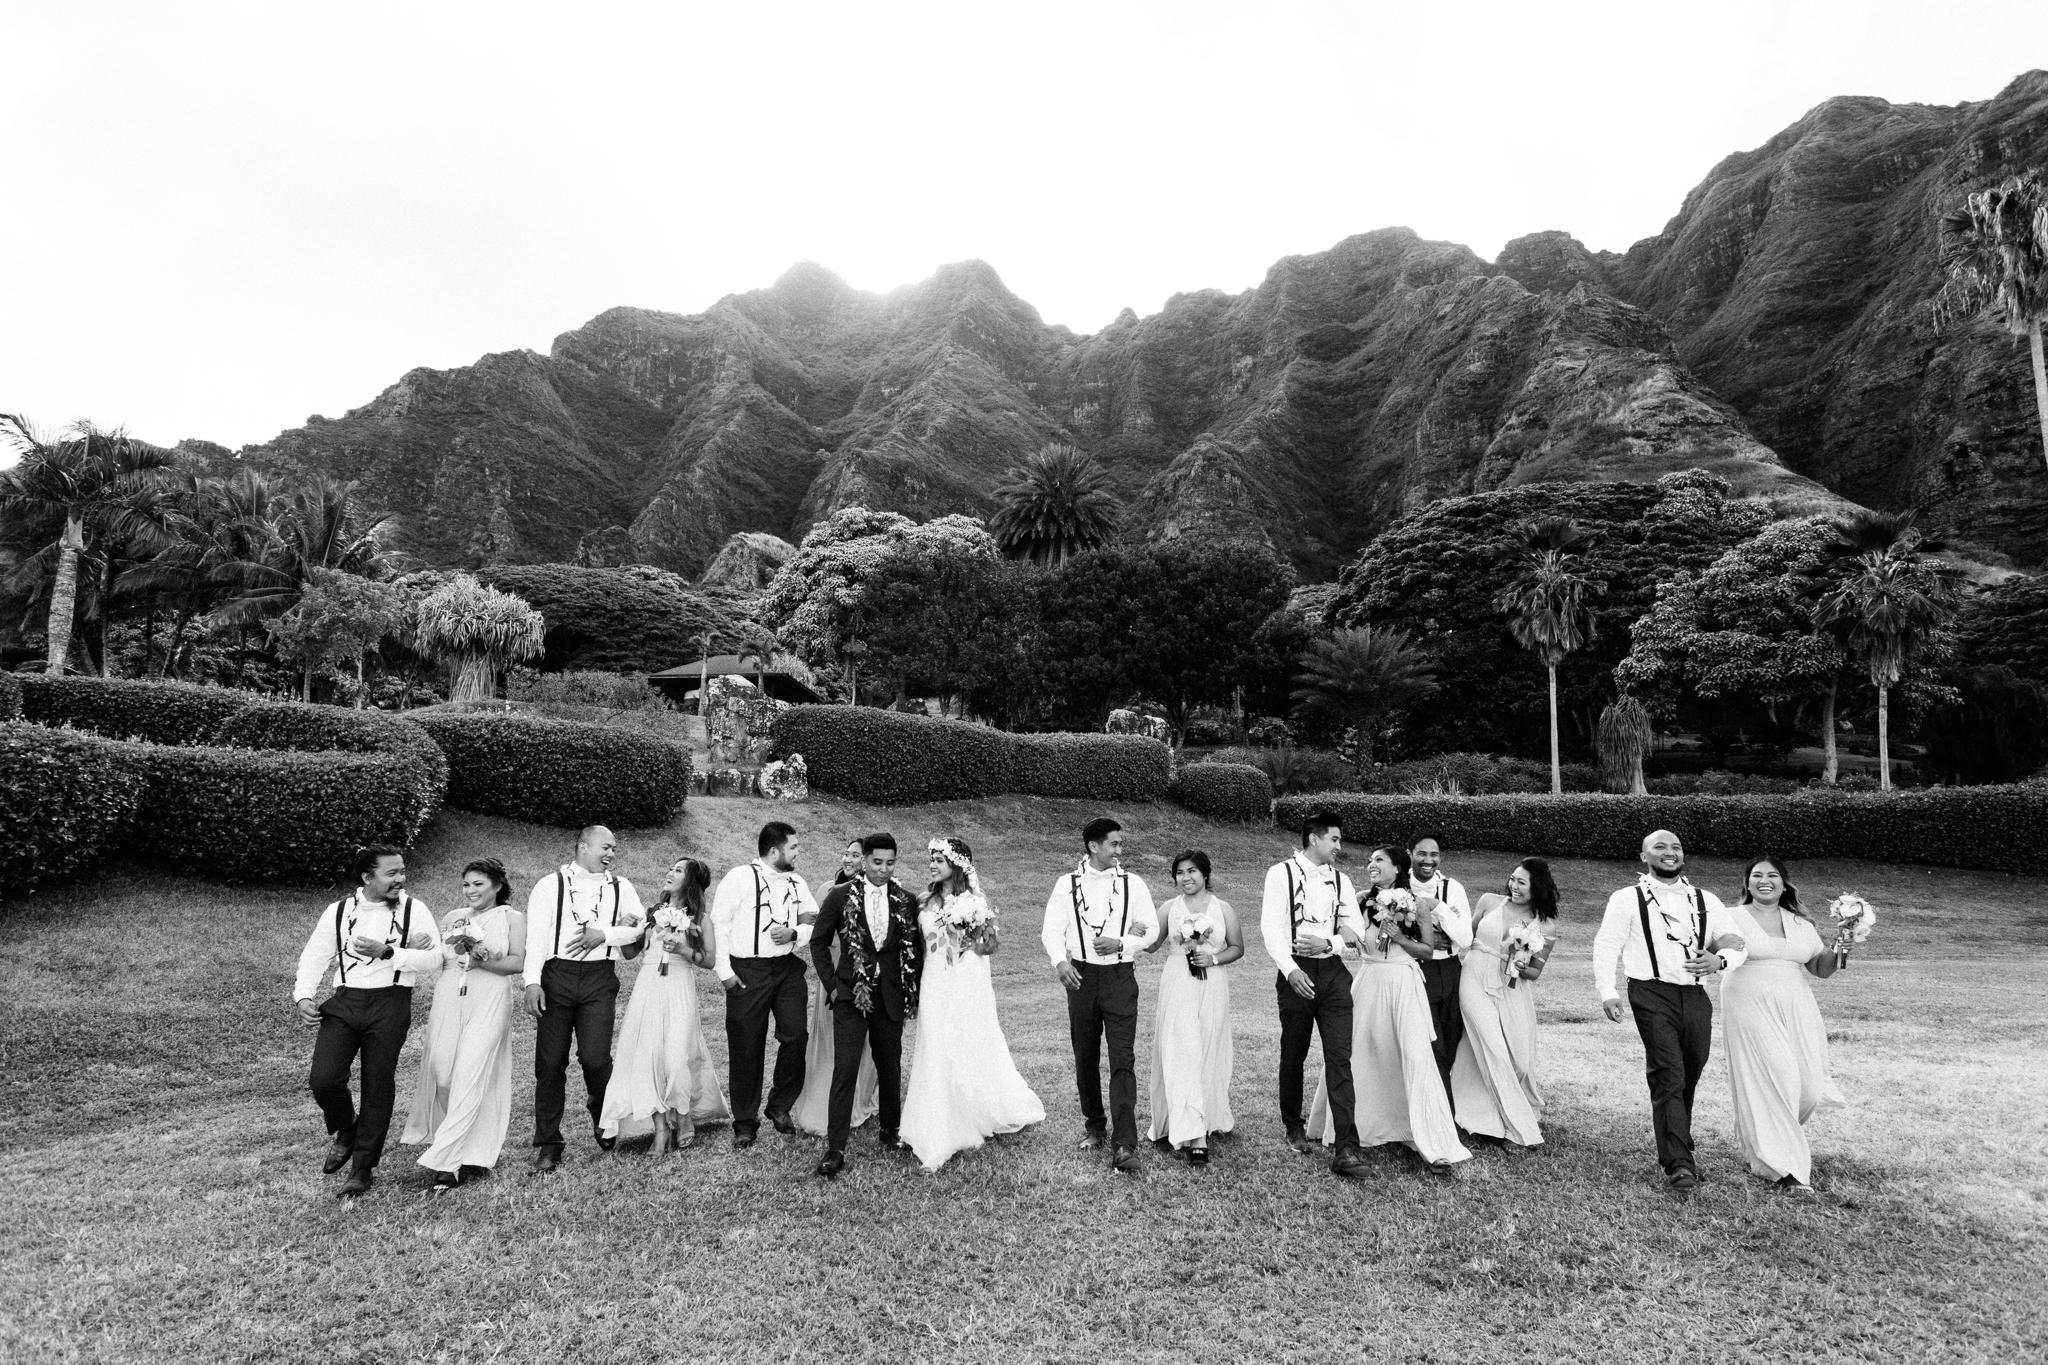 kualoa_ranch_wedding_photography_tone_hawaii-66.jpg